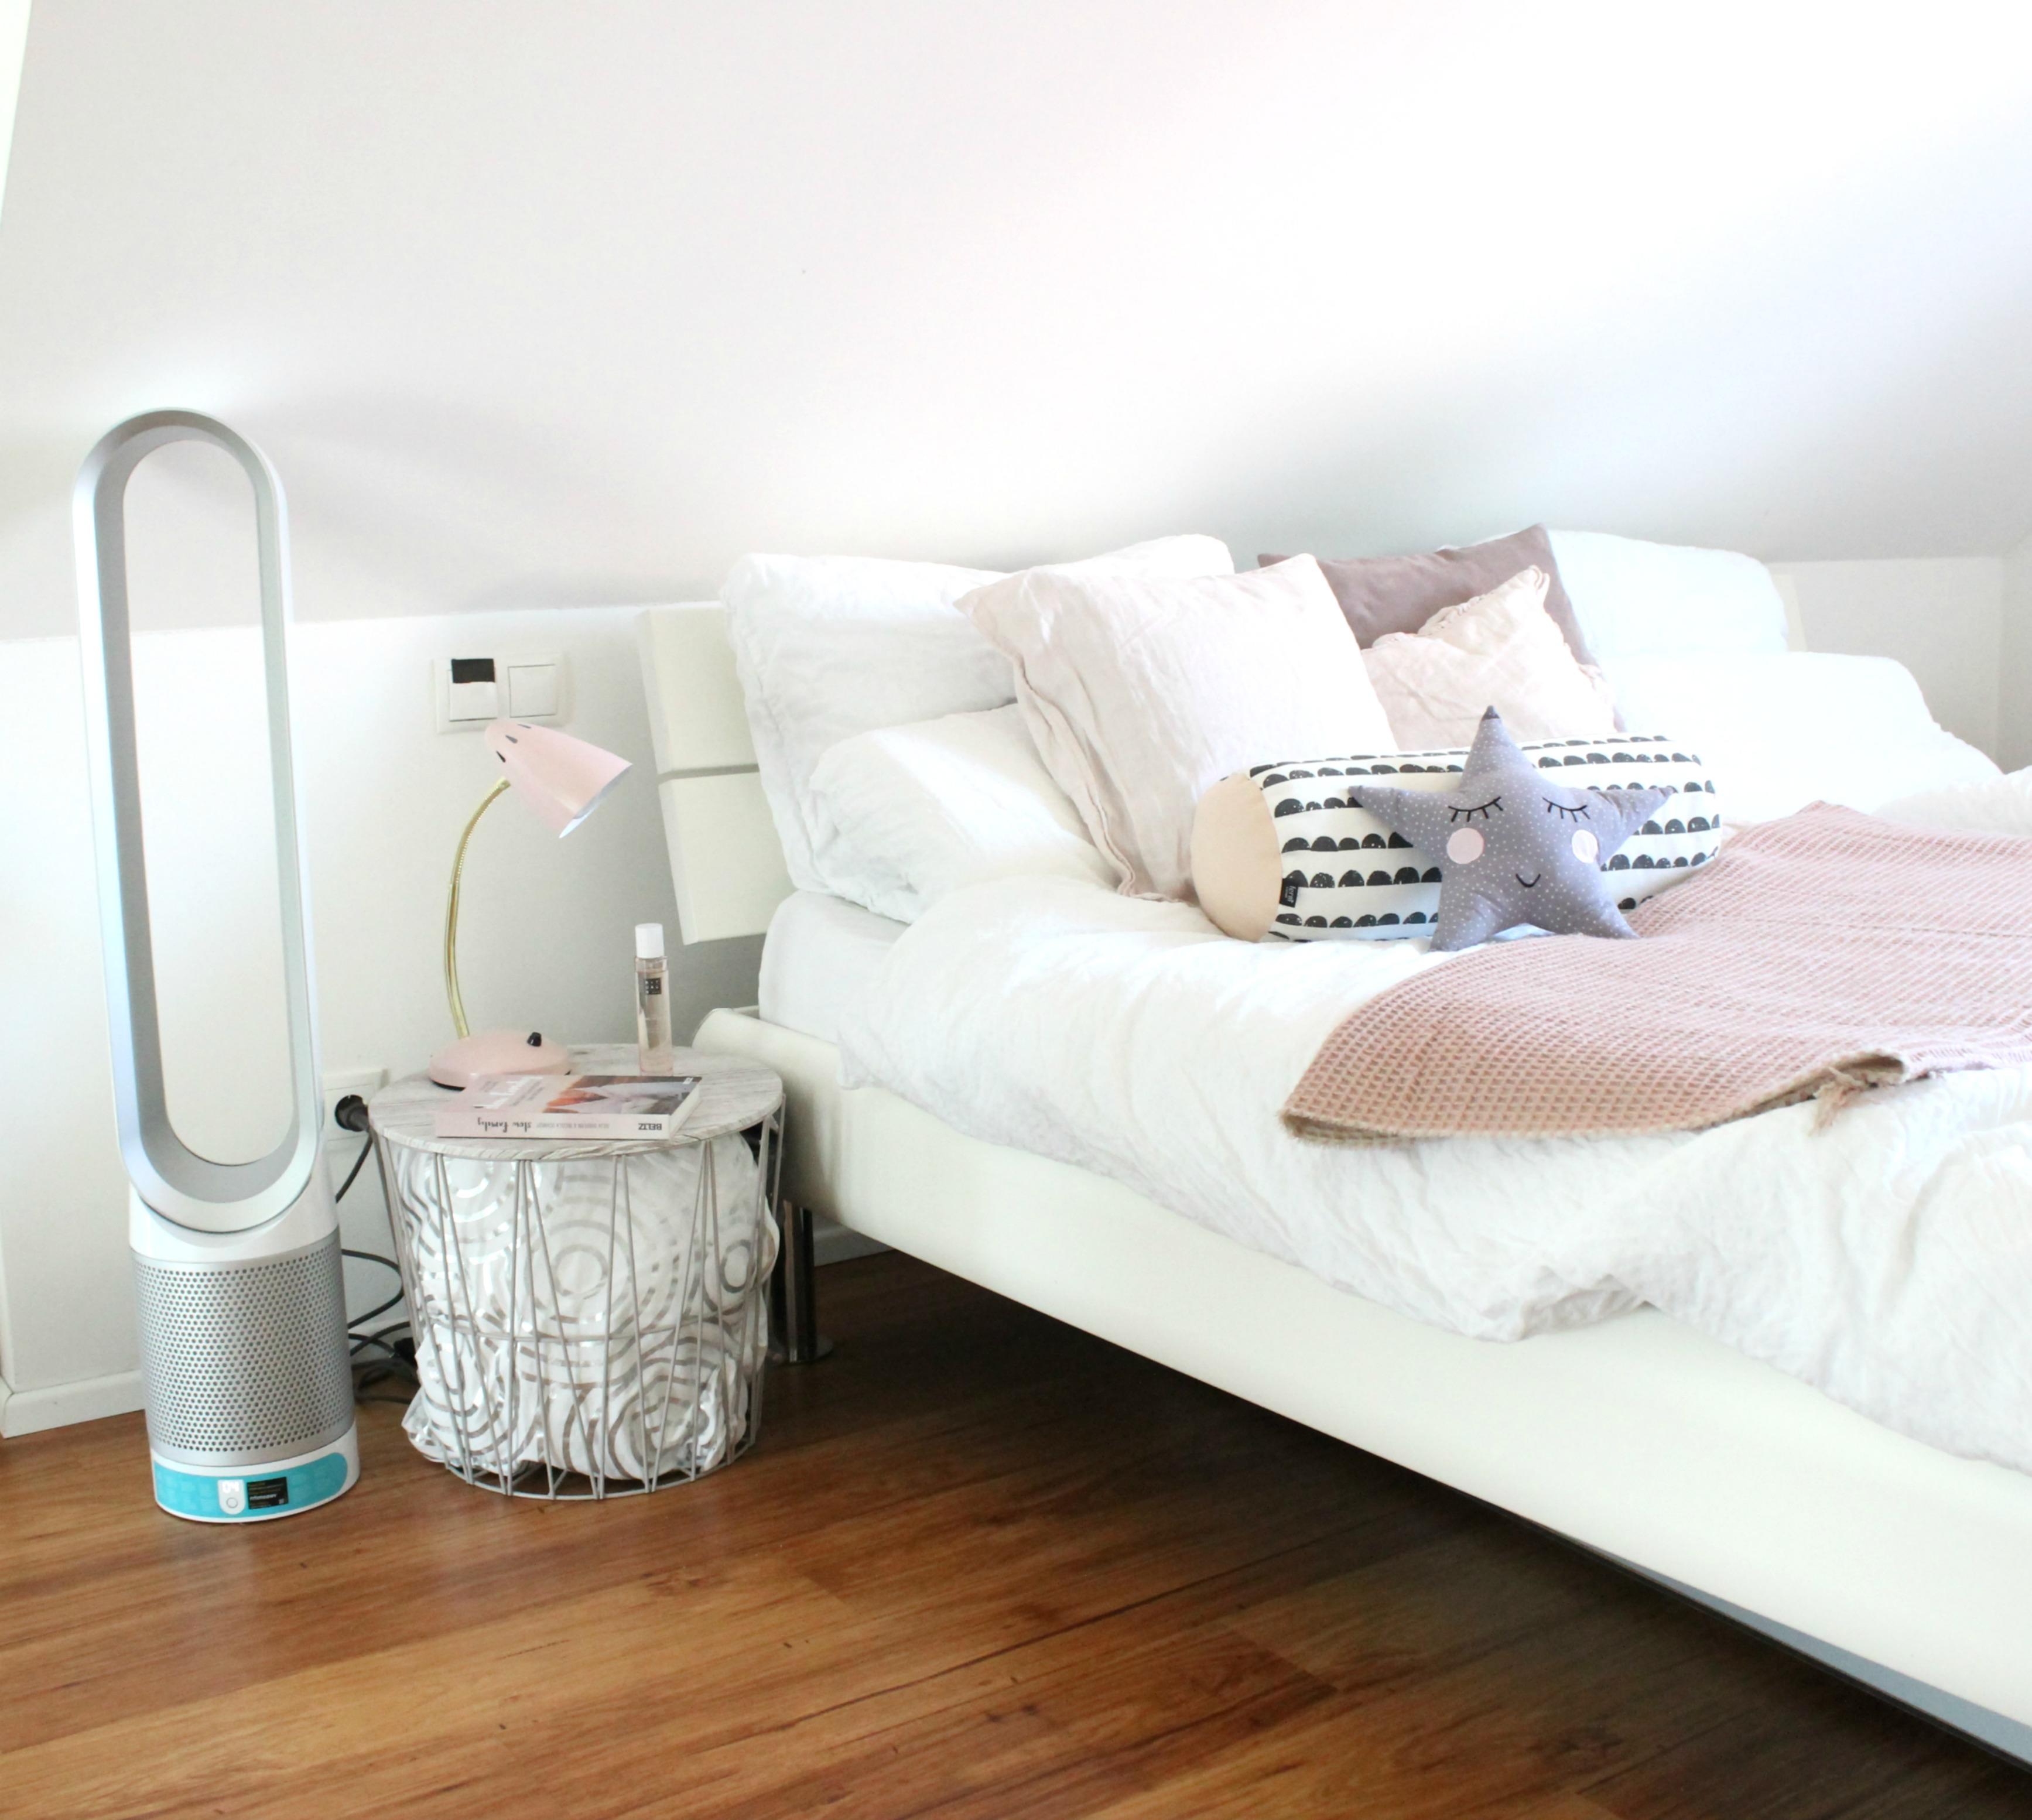 schlafzimmer einrichten mann schlafzimmer nachttisch ideen mit ikea m beln wie w scht man. Black Bedroom Furniture Sets. Home Design Ideas